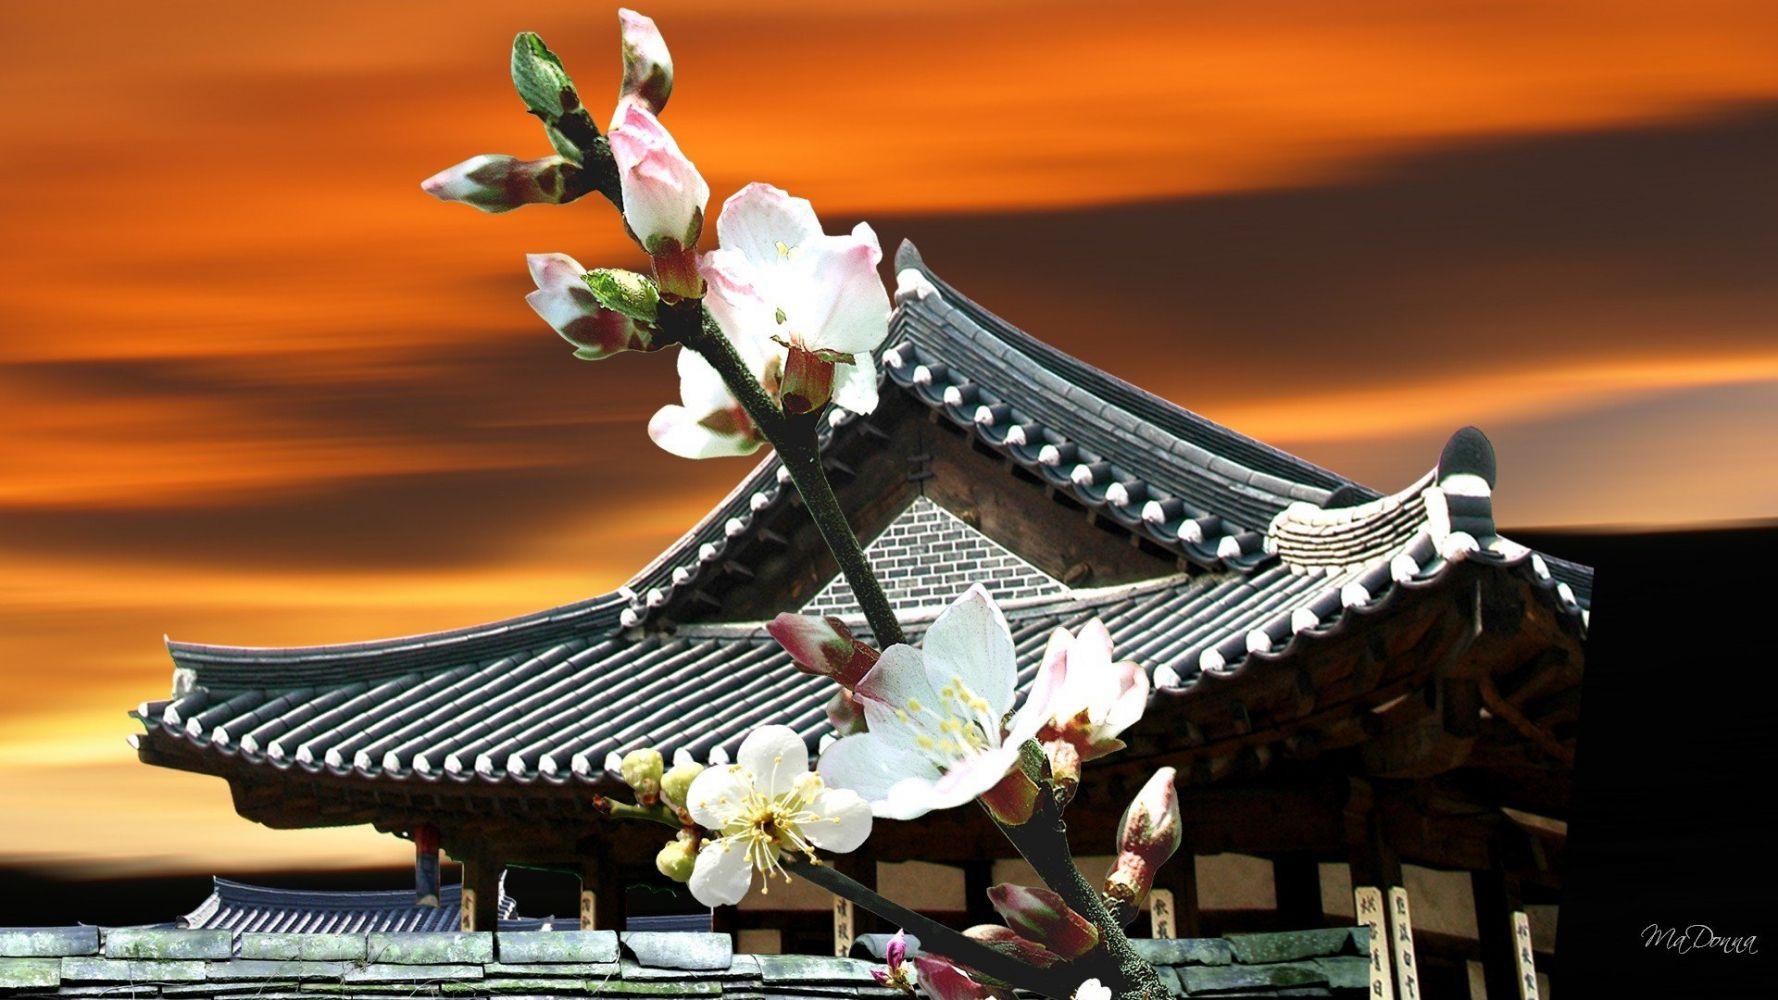 последние картинка пагода и сакура собрать потолок деревянных